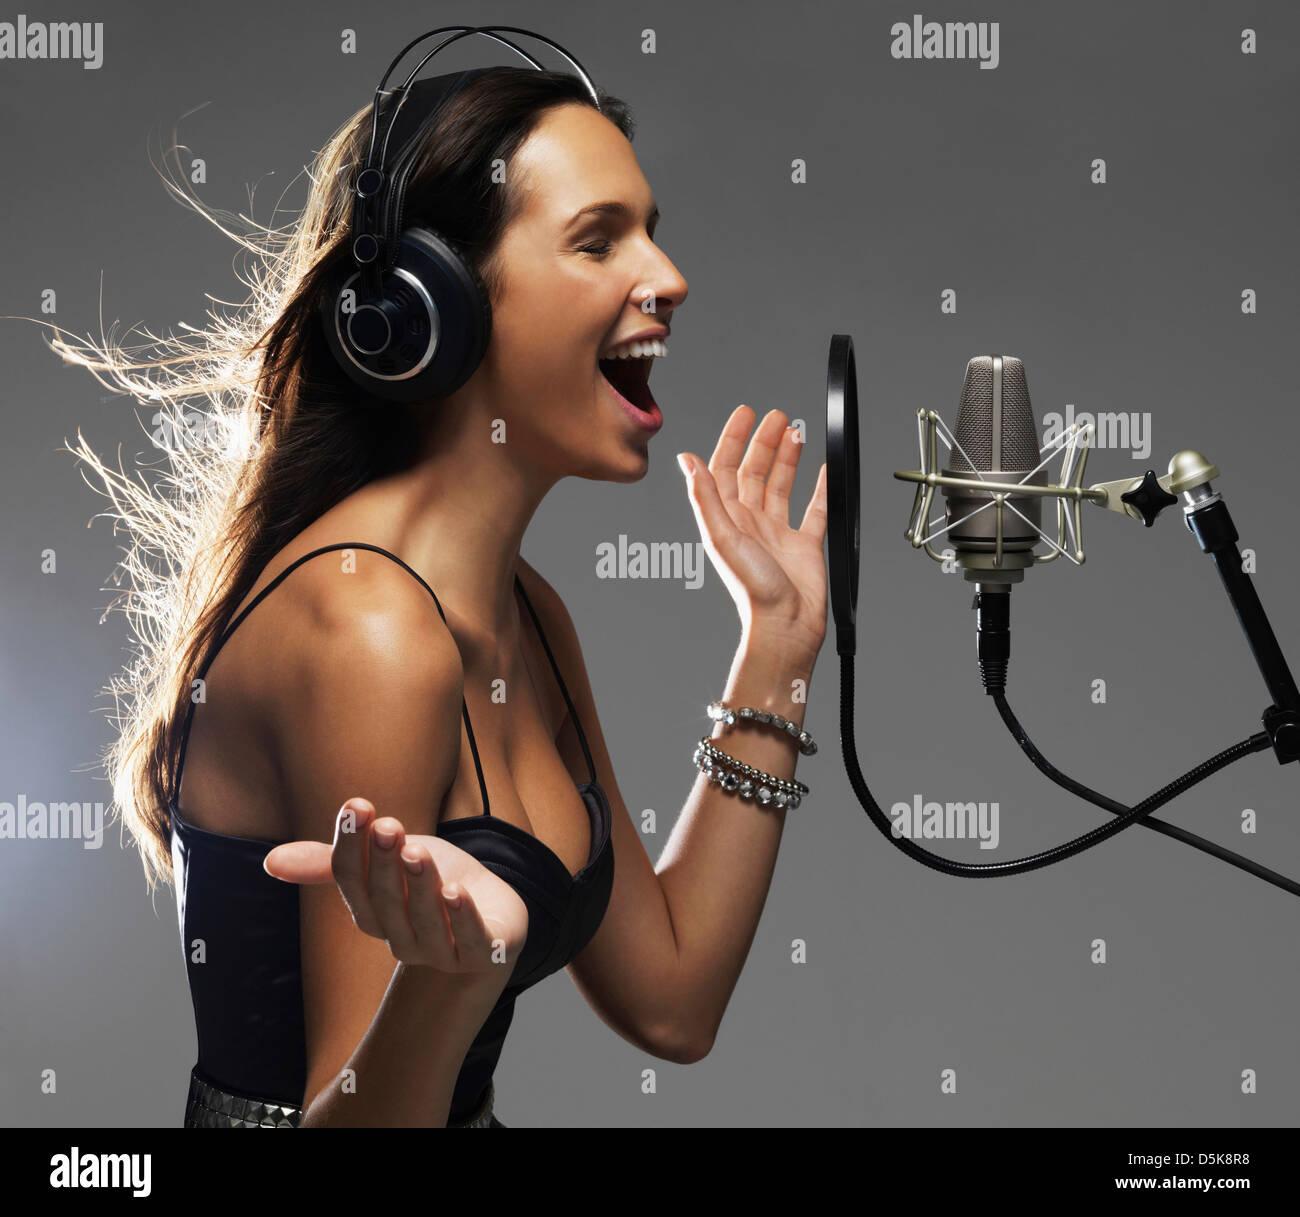 Studio shot of singing rockstar Photo Stock